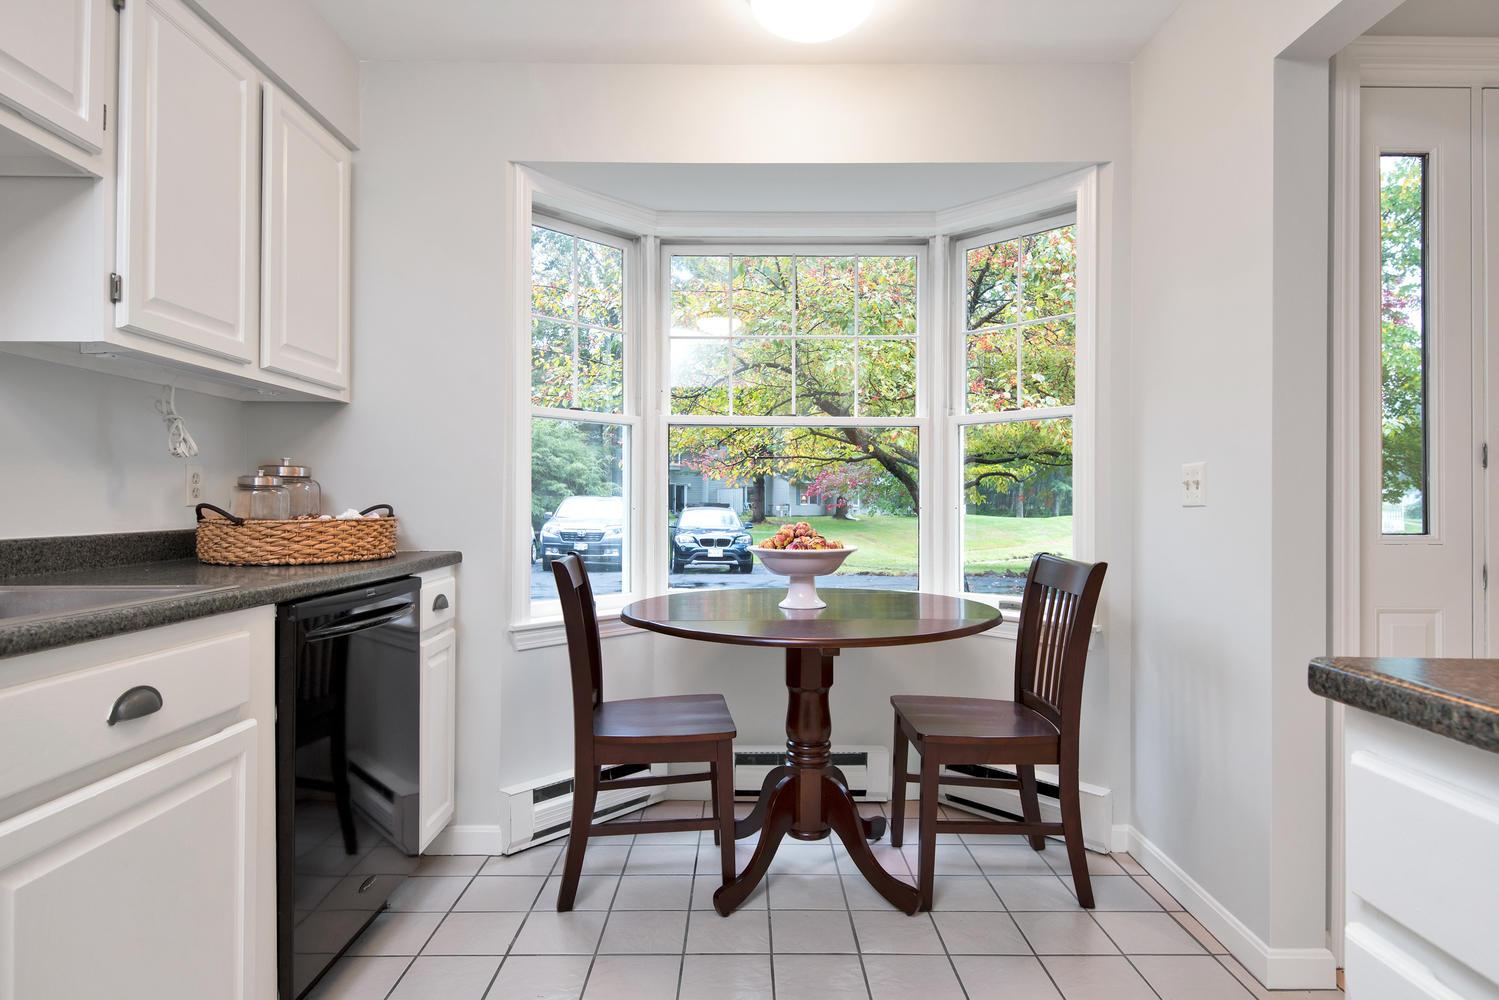 11 Crestfield Terrace Portland-large-014-11-Breakfast Nook-1499x1000-72dpi_1.jpg